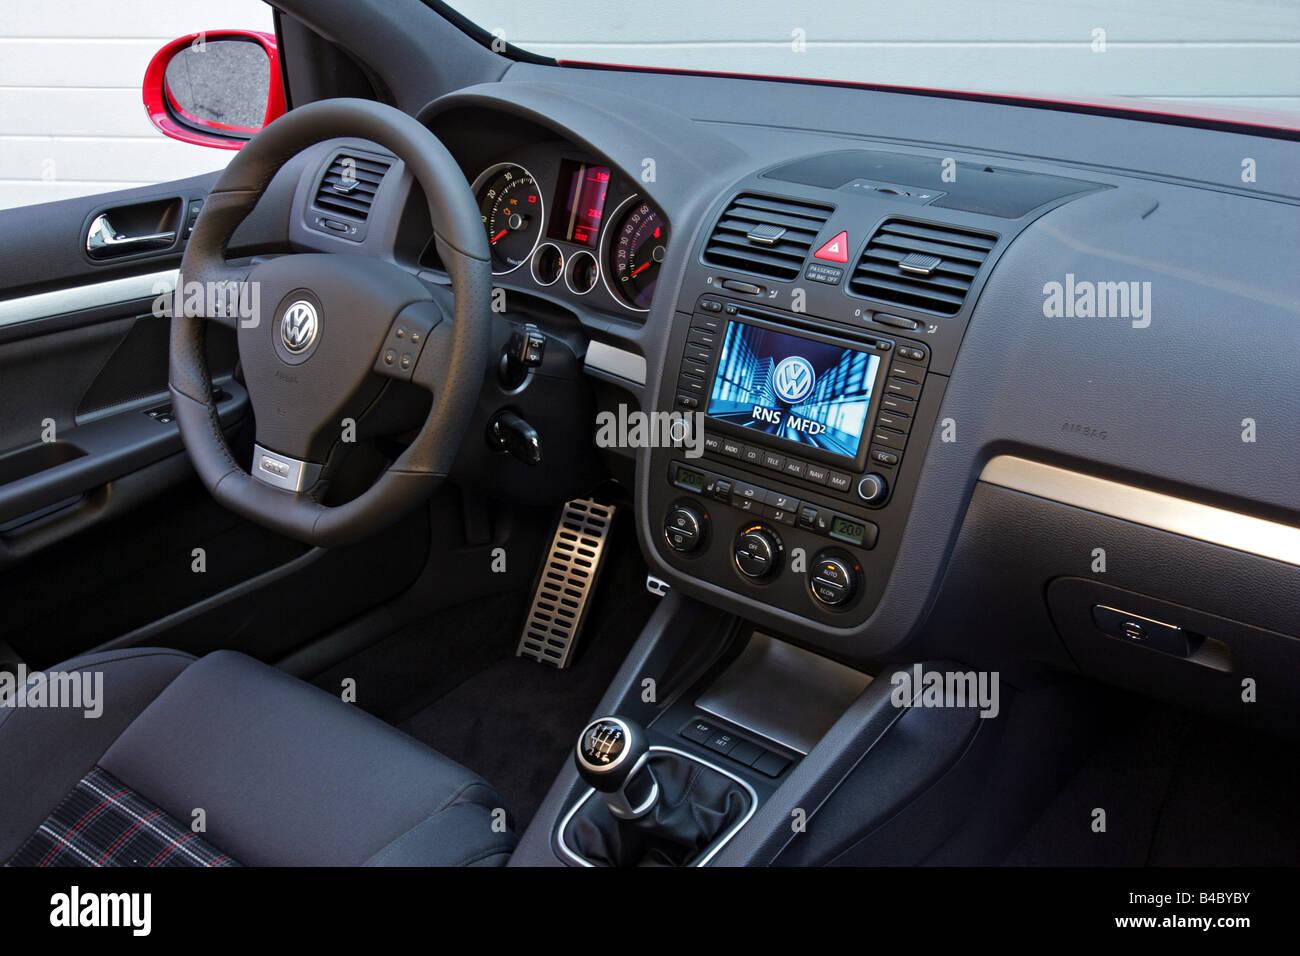 car vw volkswagen golf gti golf v model year 2004 red. Black Bedroom Furniture Sets. Home Design Ideas